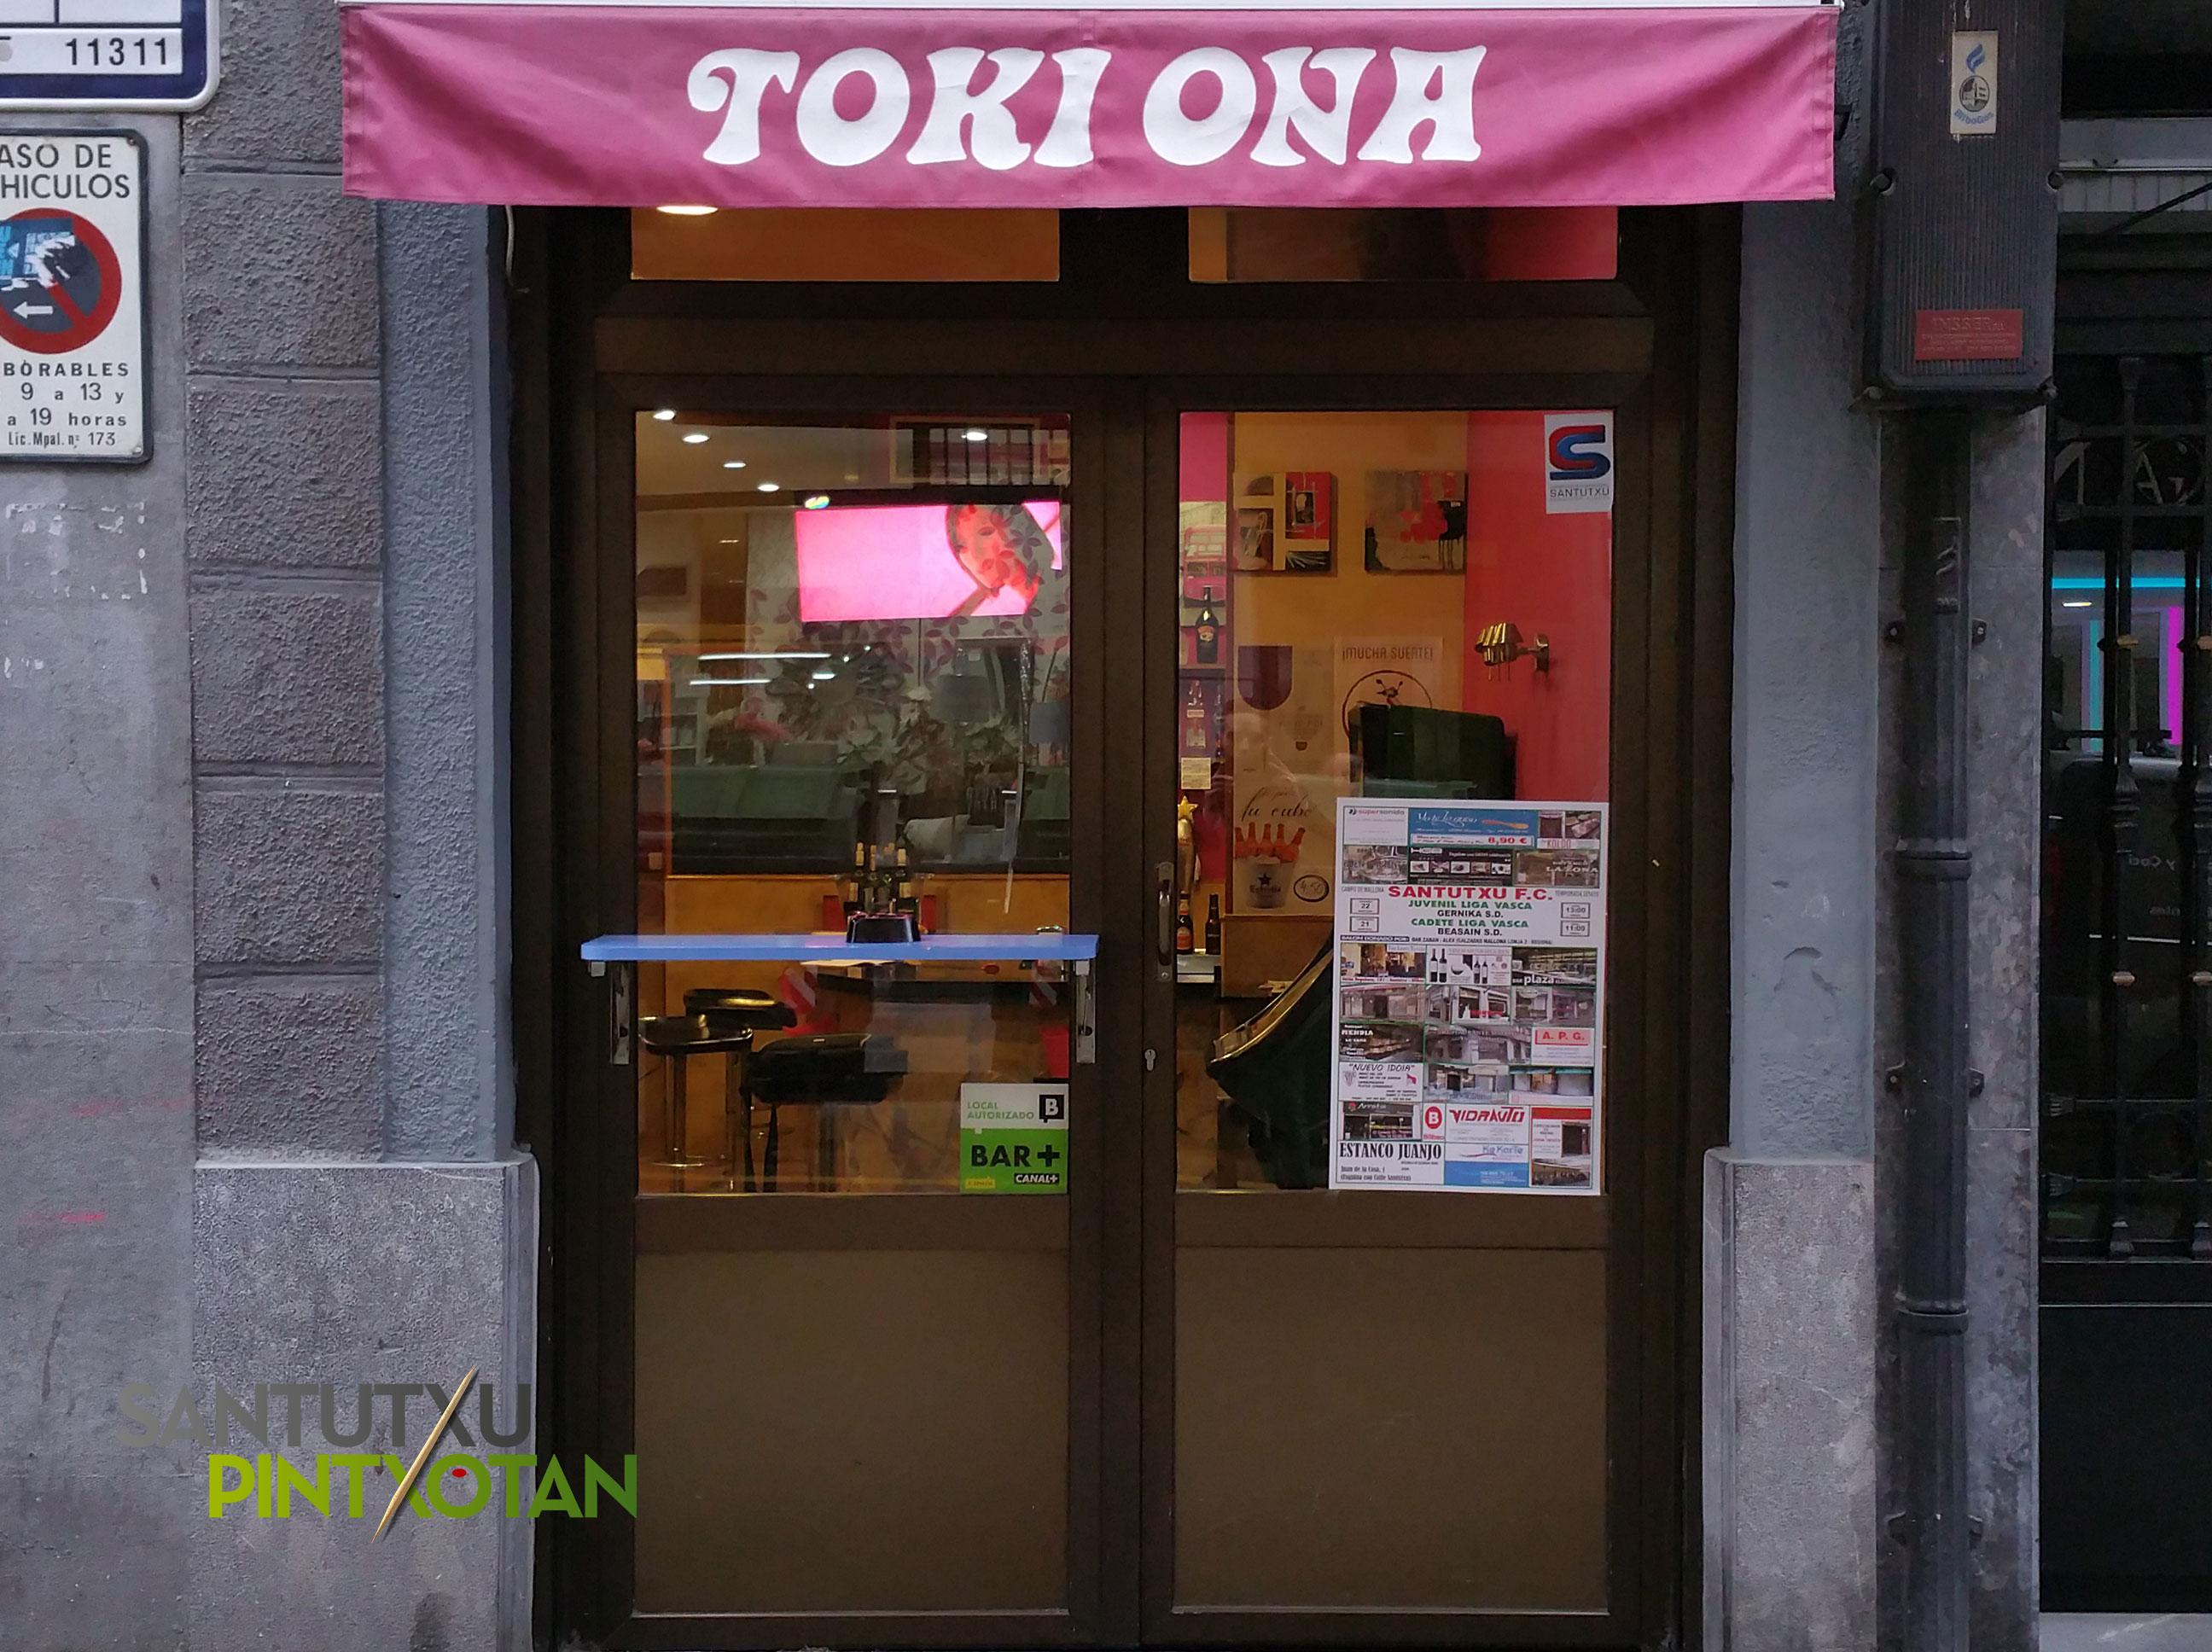 tokiona01